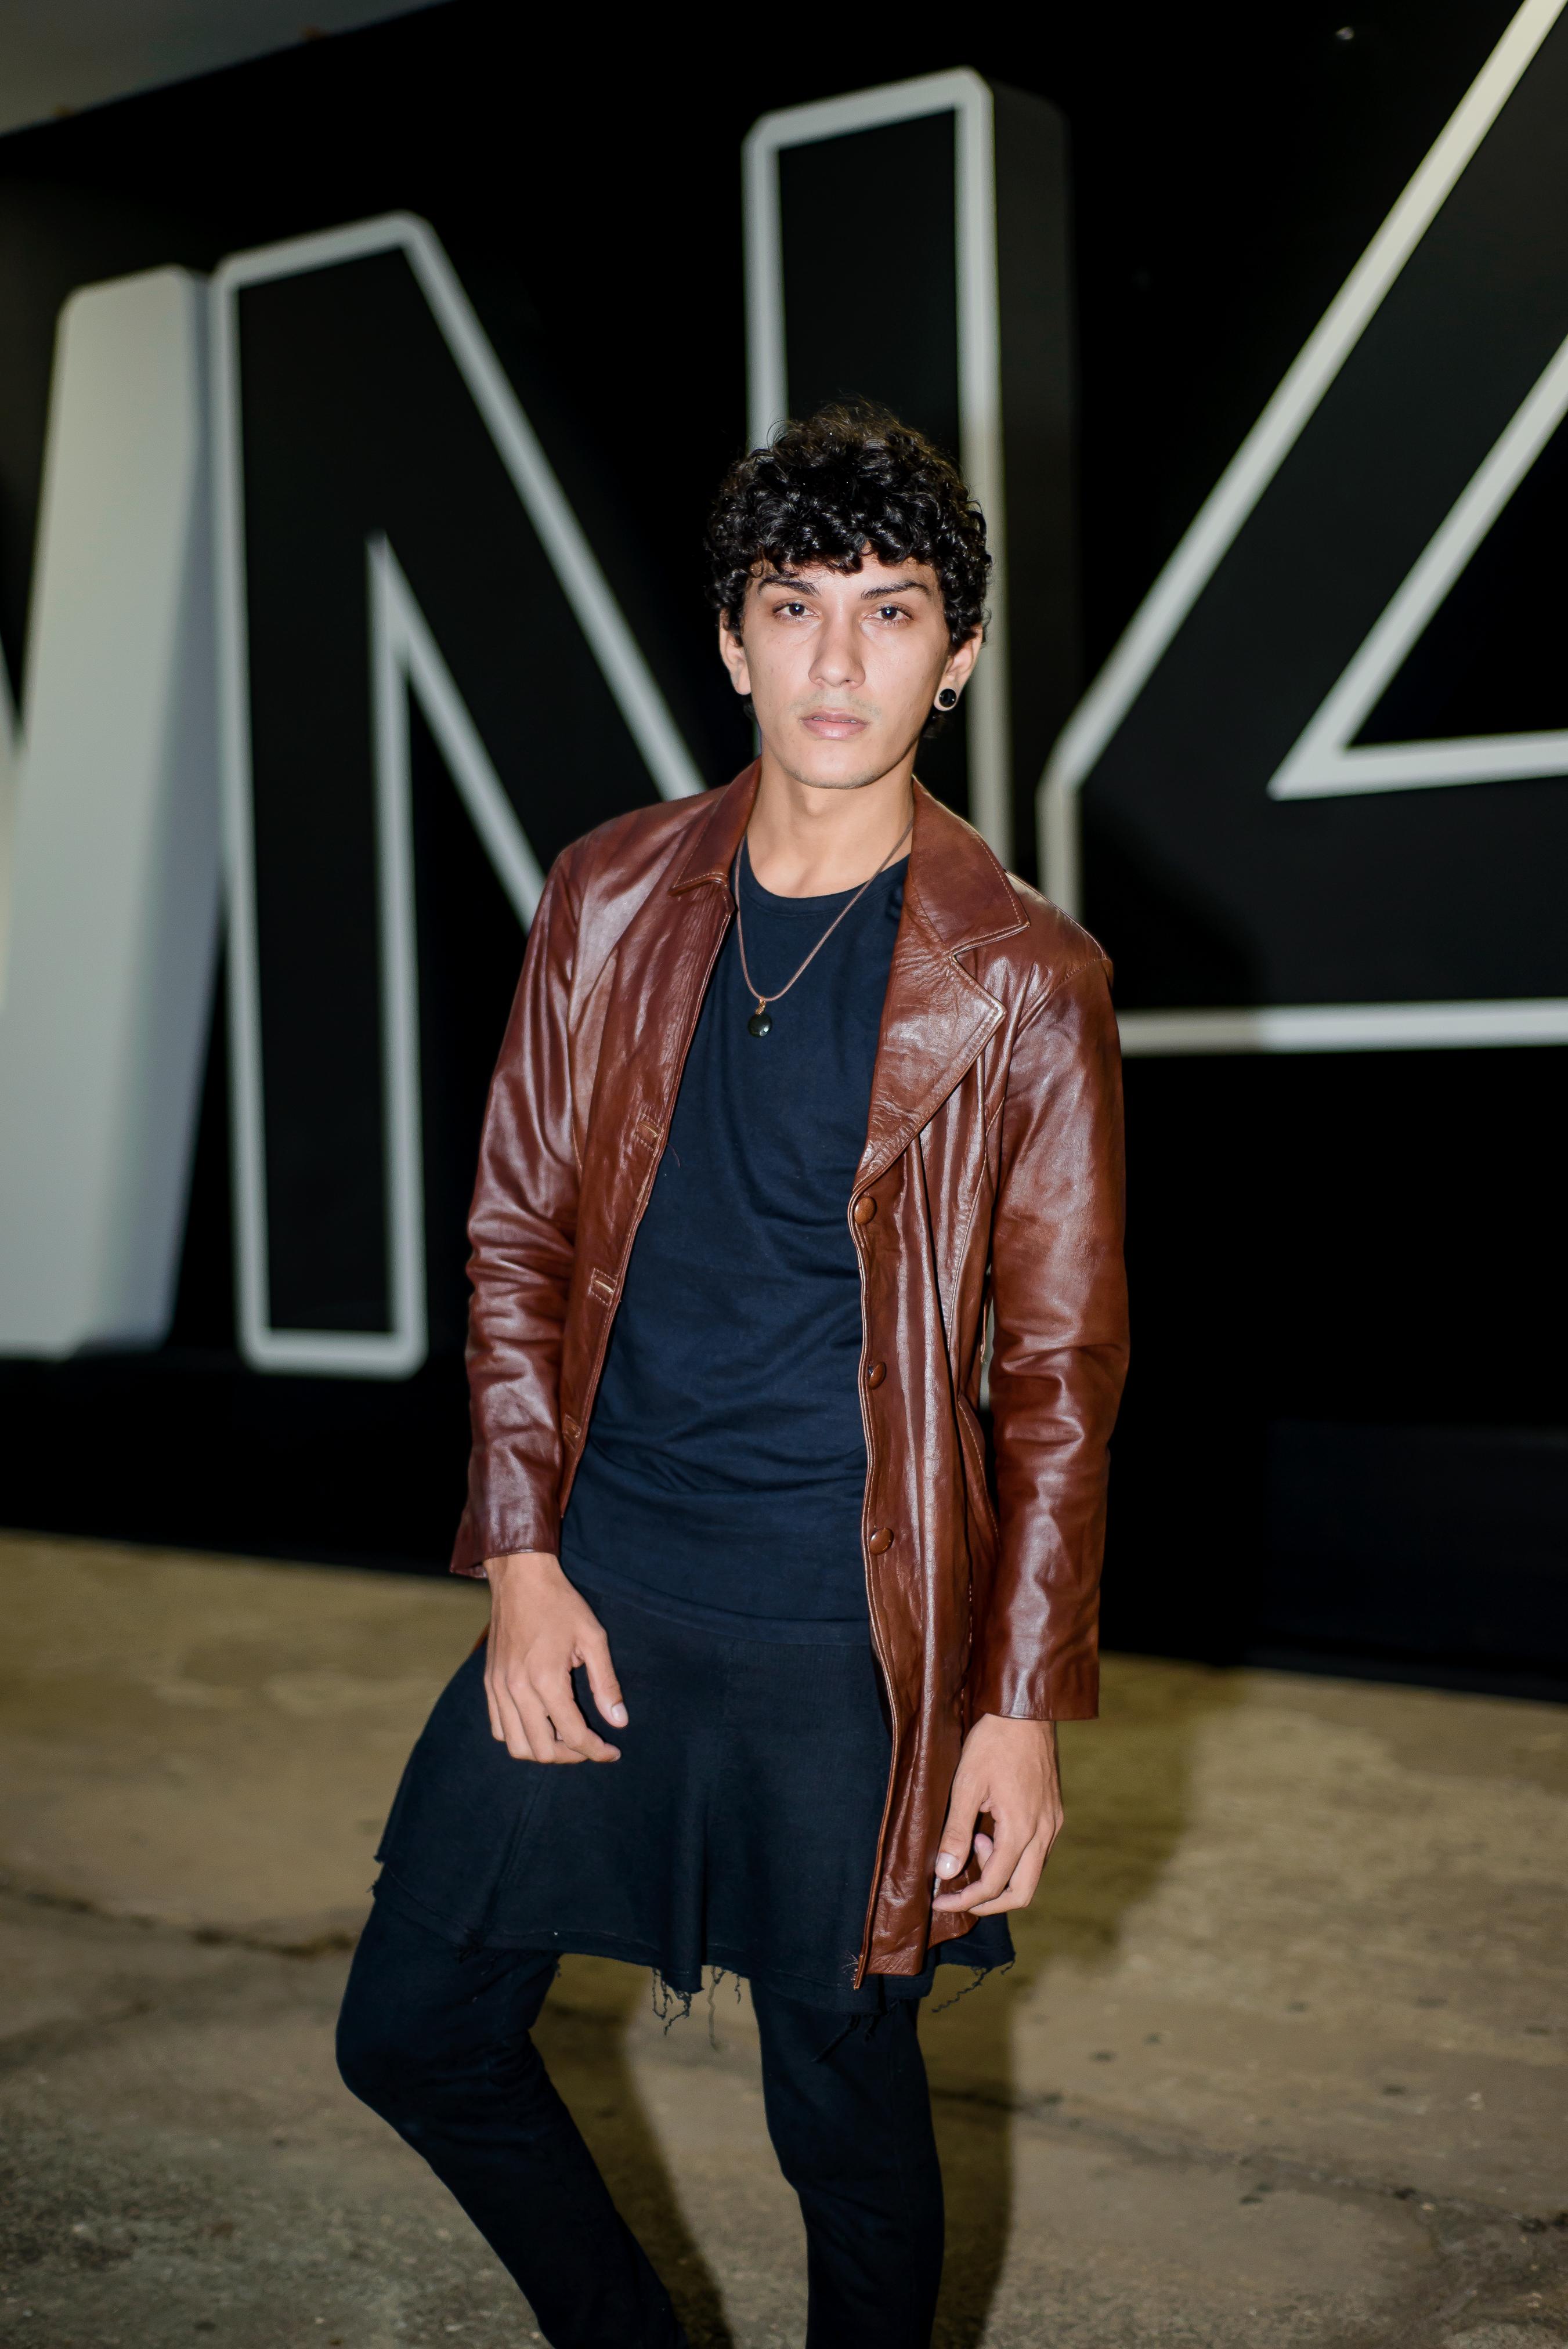 spfwn43-street-style-moda-masculina-estilo-masculino-style-fashion-moda-2017-moda-sem-censura-beleza-blog-de-moda-men-man-boy-estilo (12)